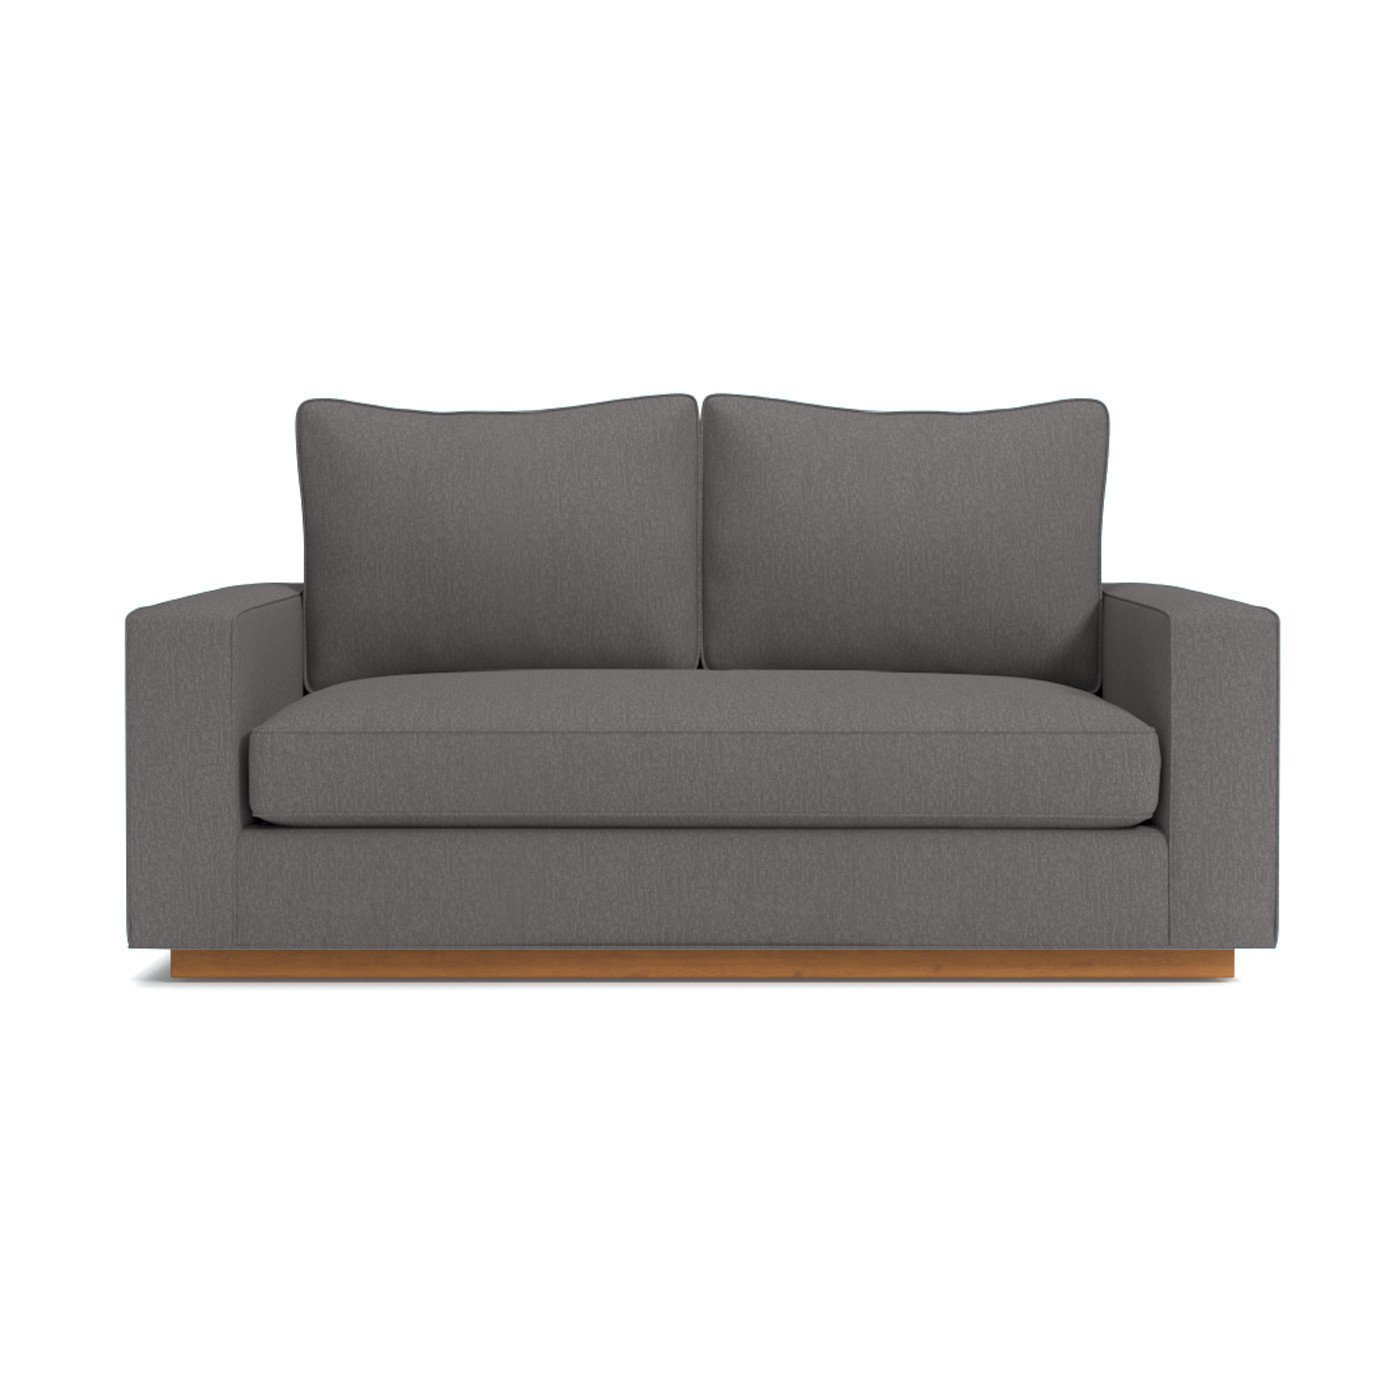 Amazon.com: Harper departamento Tamaño sofá de Kyle ...